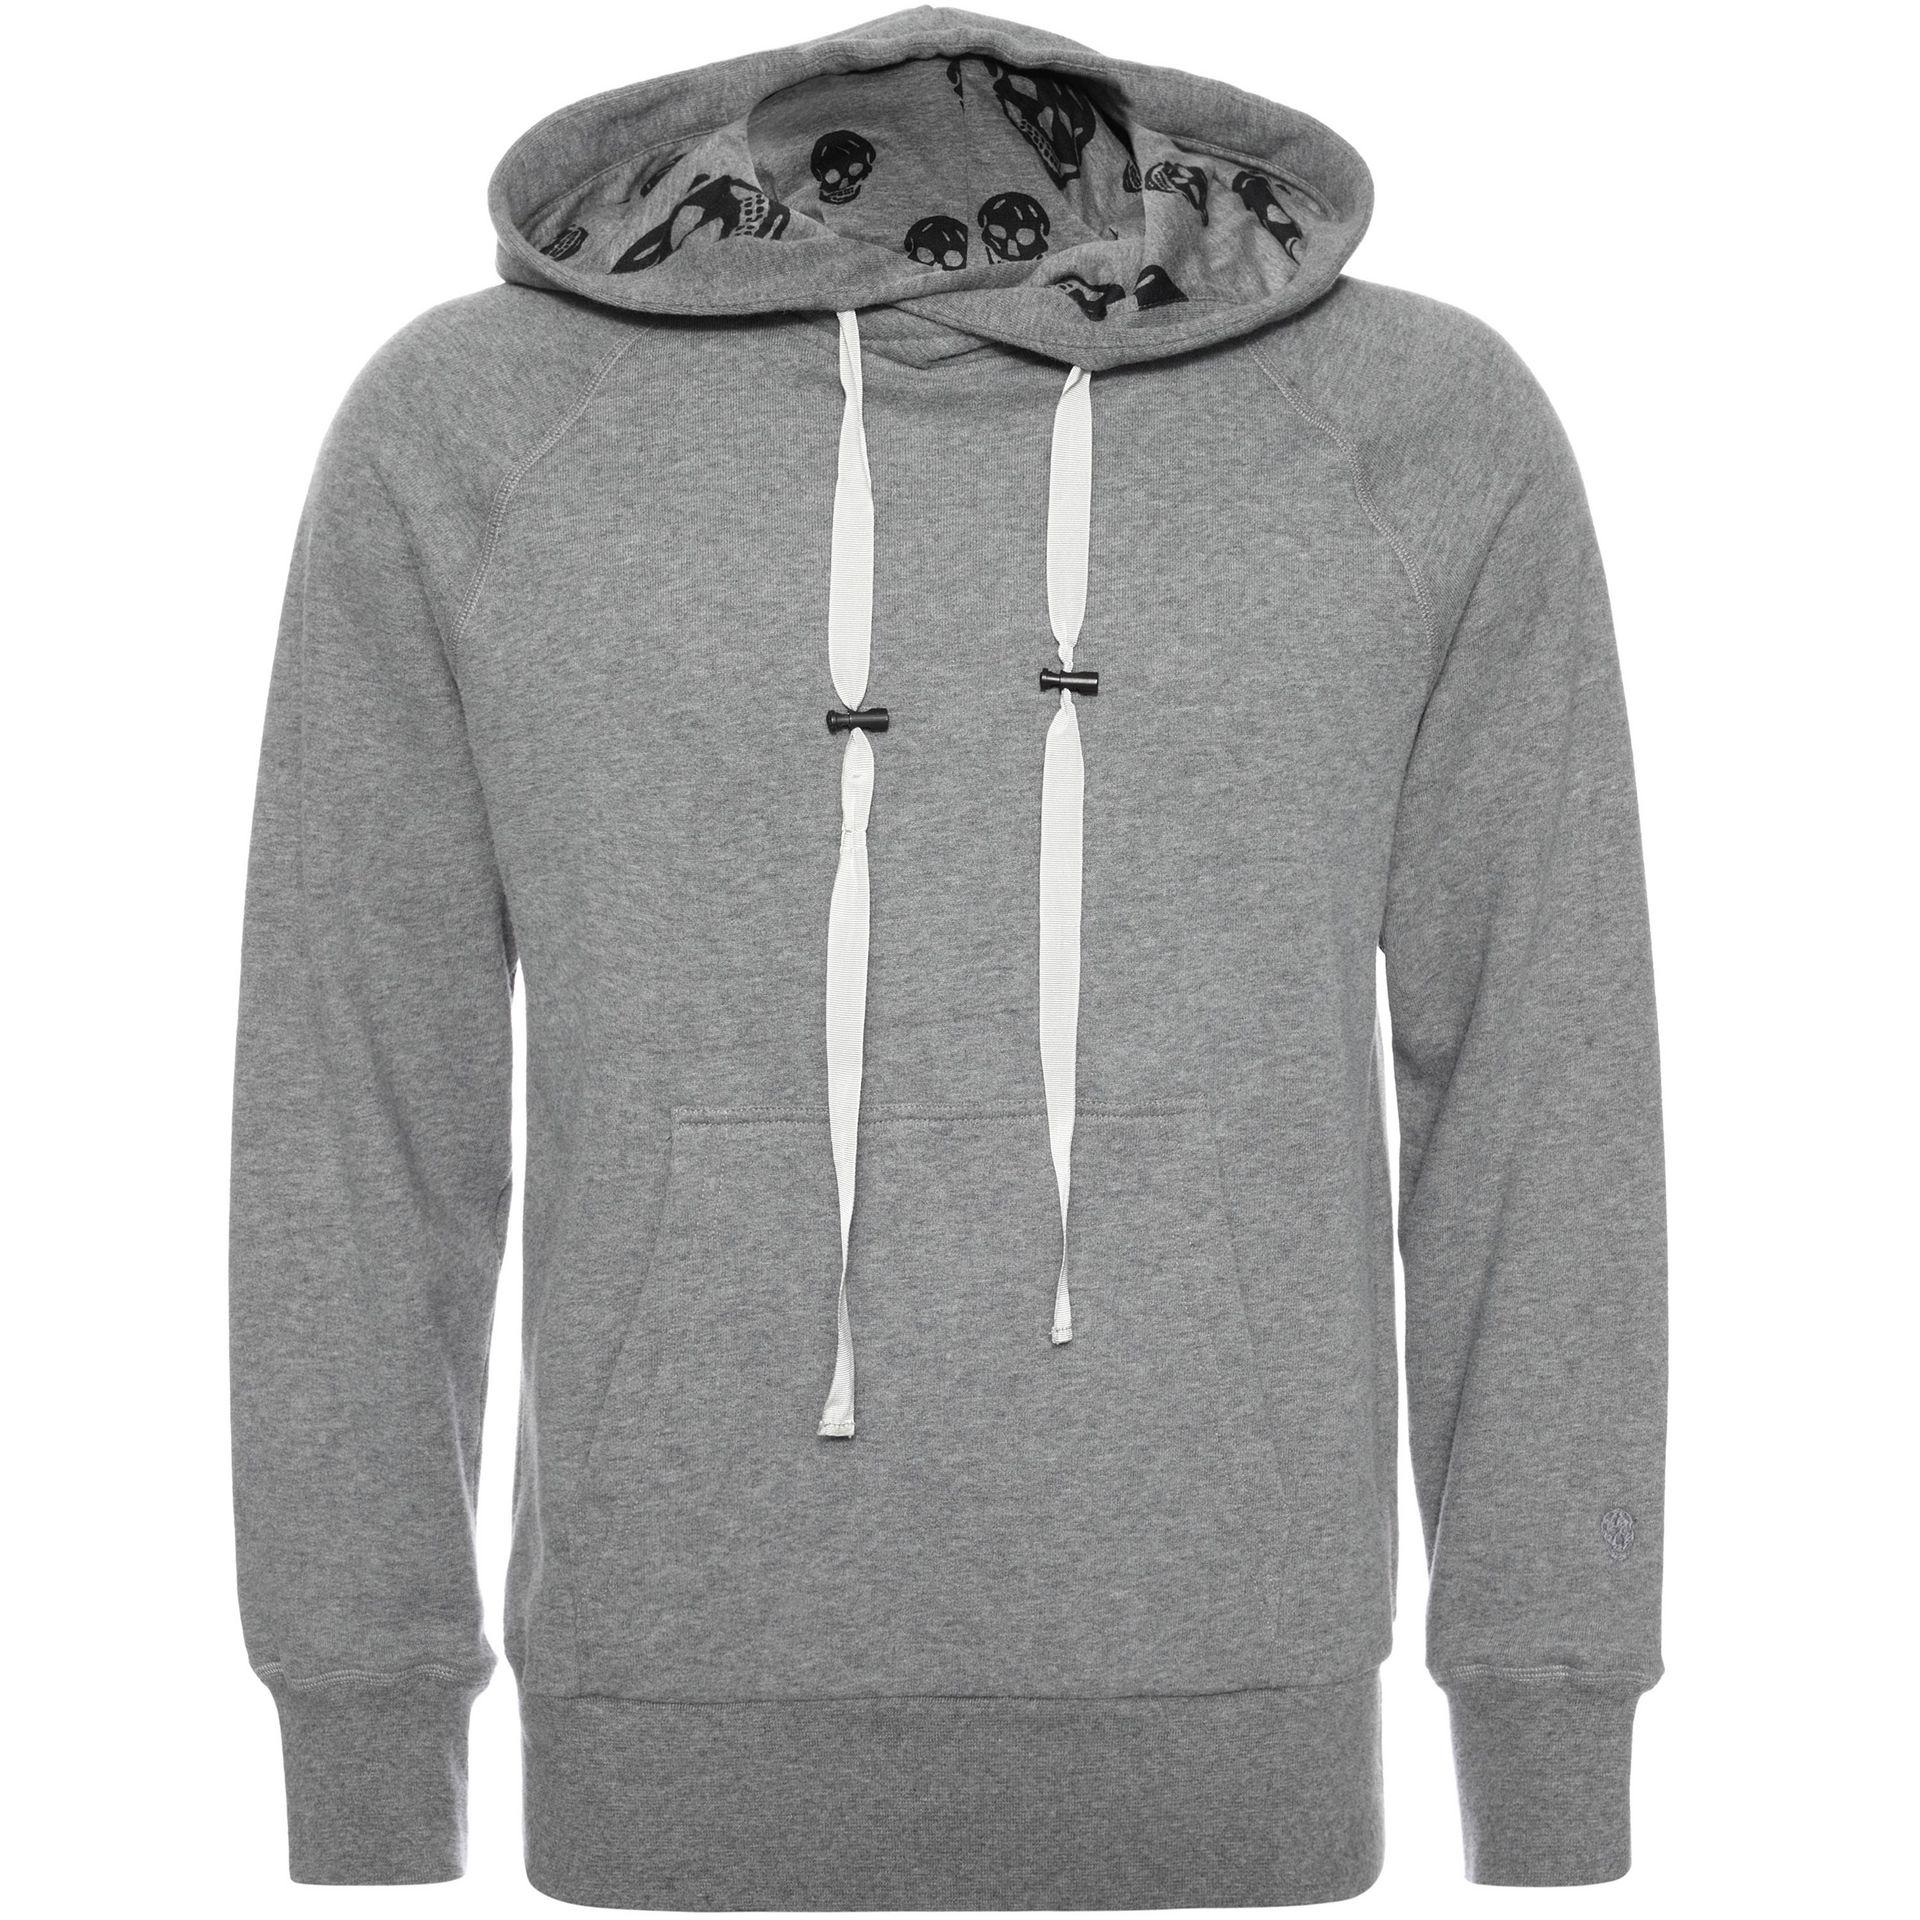 alexander mcqueen hooded sweatshirt in gray for men lyst. Black Bedroom Furniture Sets. Home Design Ideas